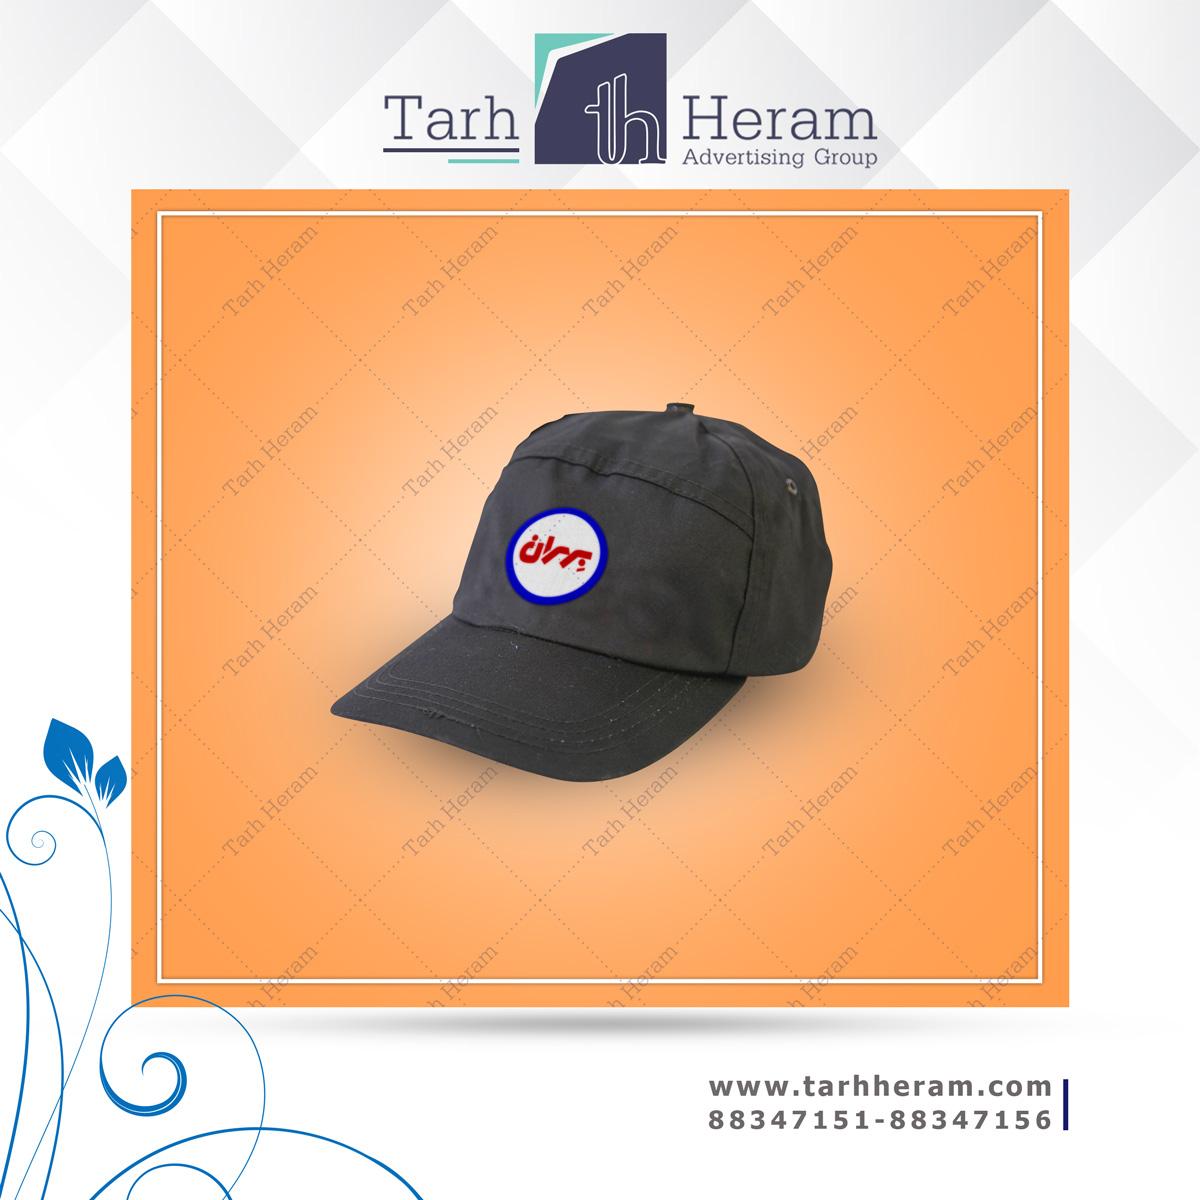 کلاه تبلیغاتی- شرکت لینکس